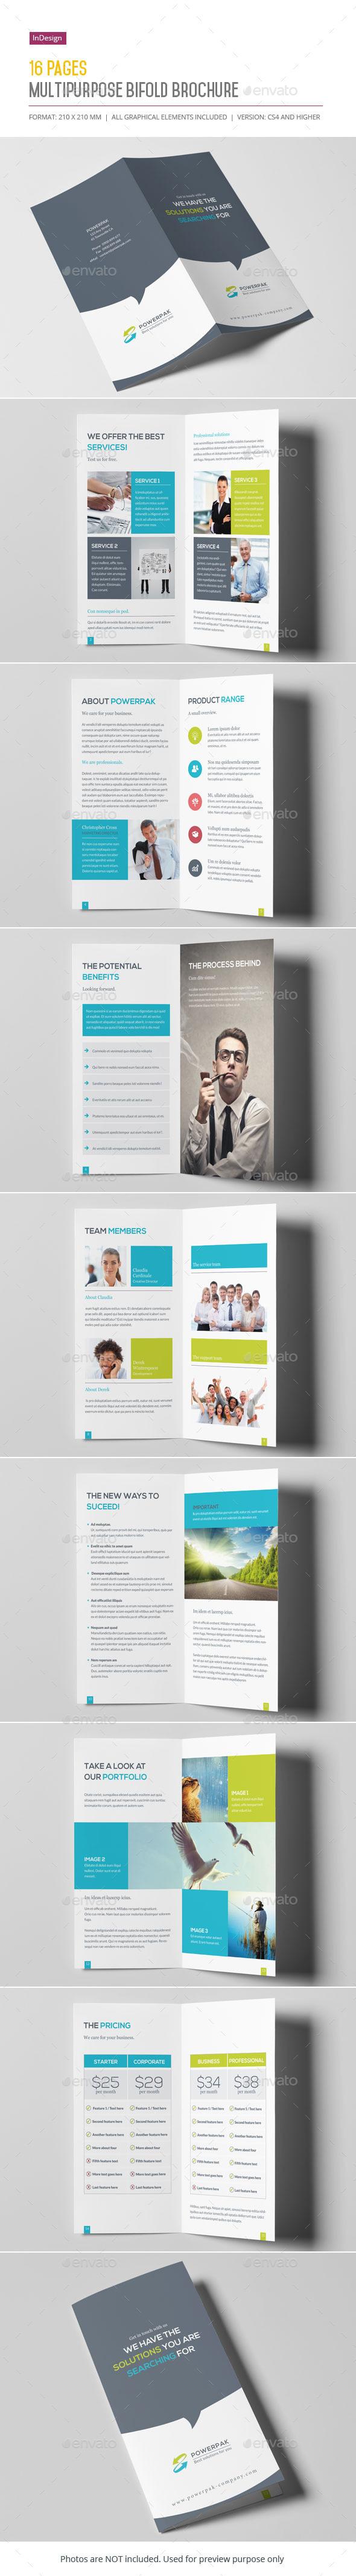 Multipurpose Bifold Brochure - Informational Brochures